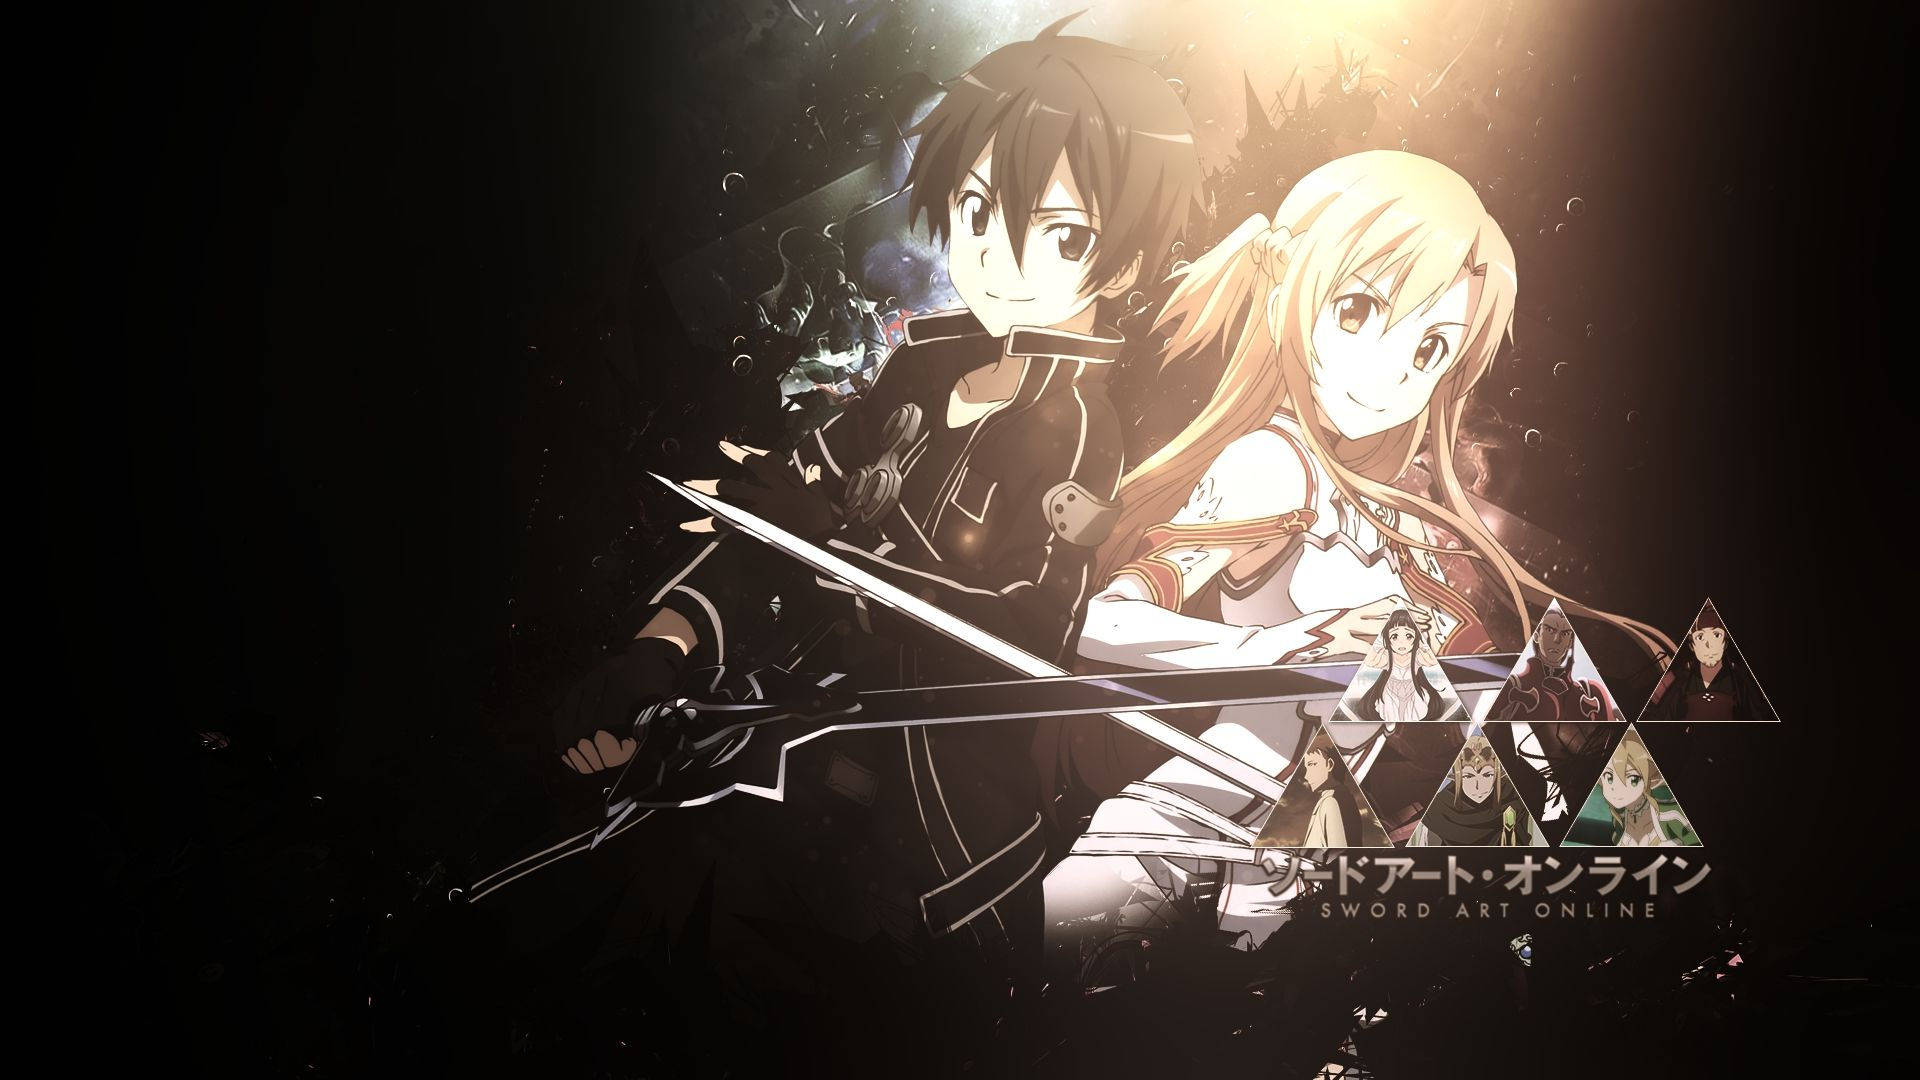 Sword Art Online HD Wallpapers Backgrounds Wallpaper